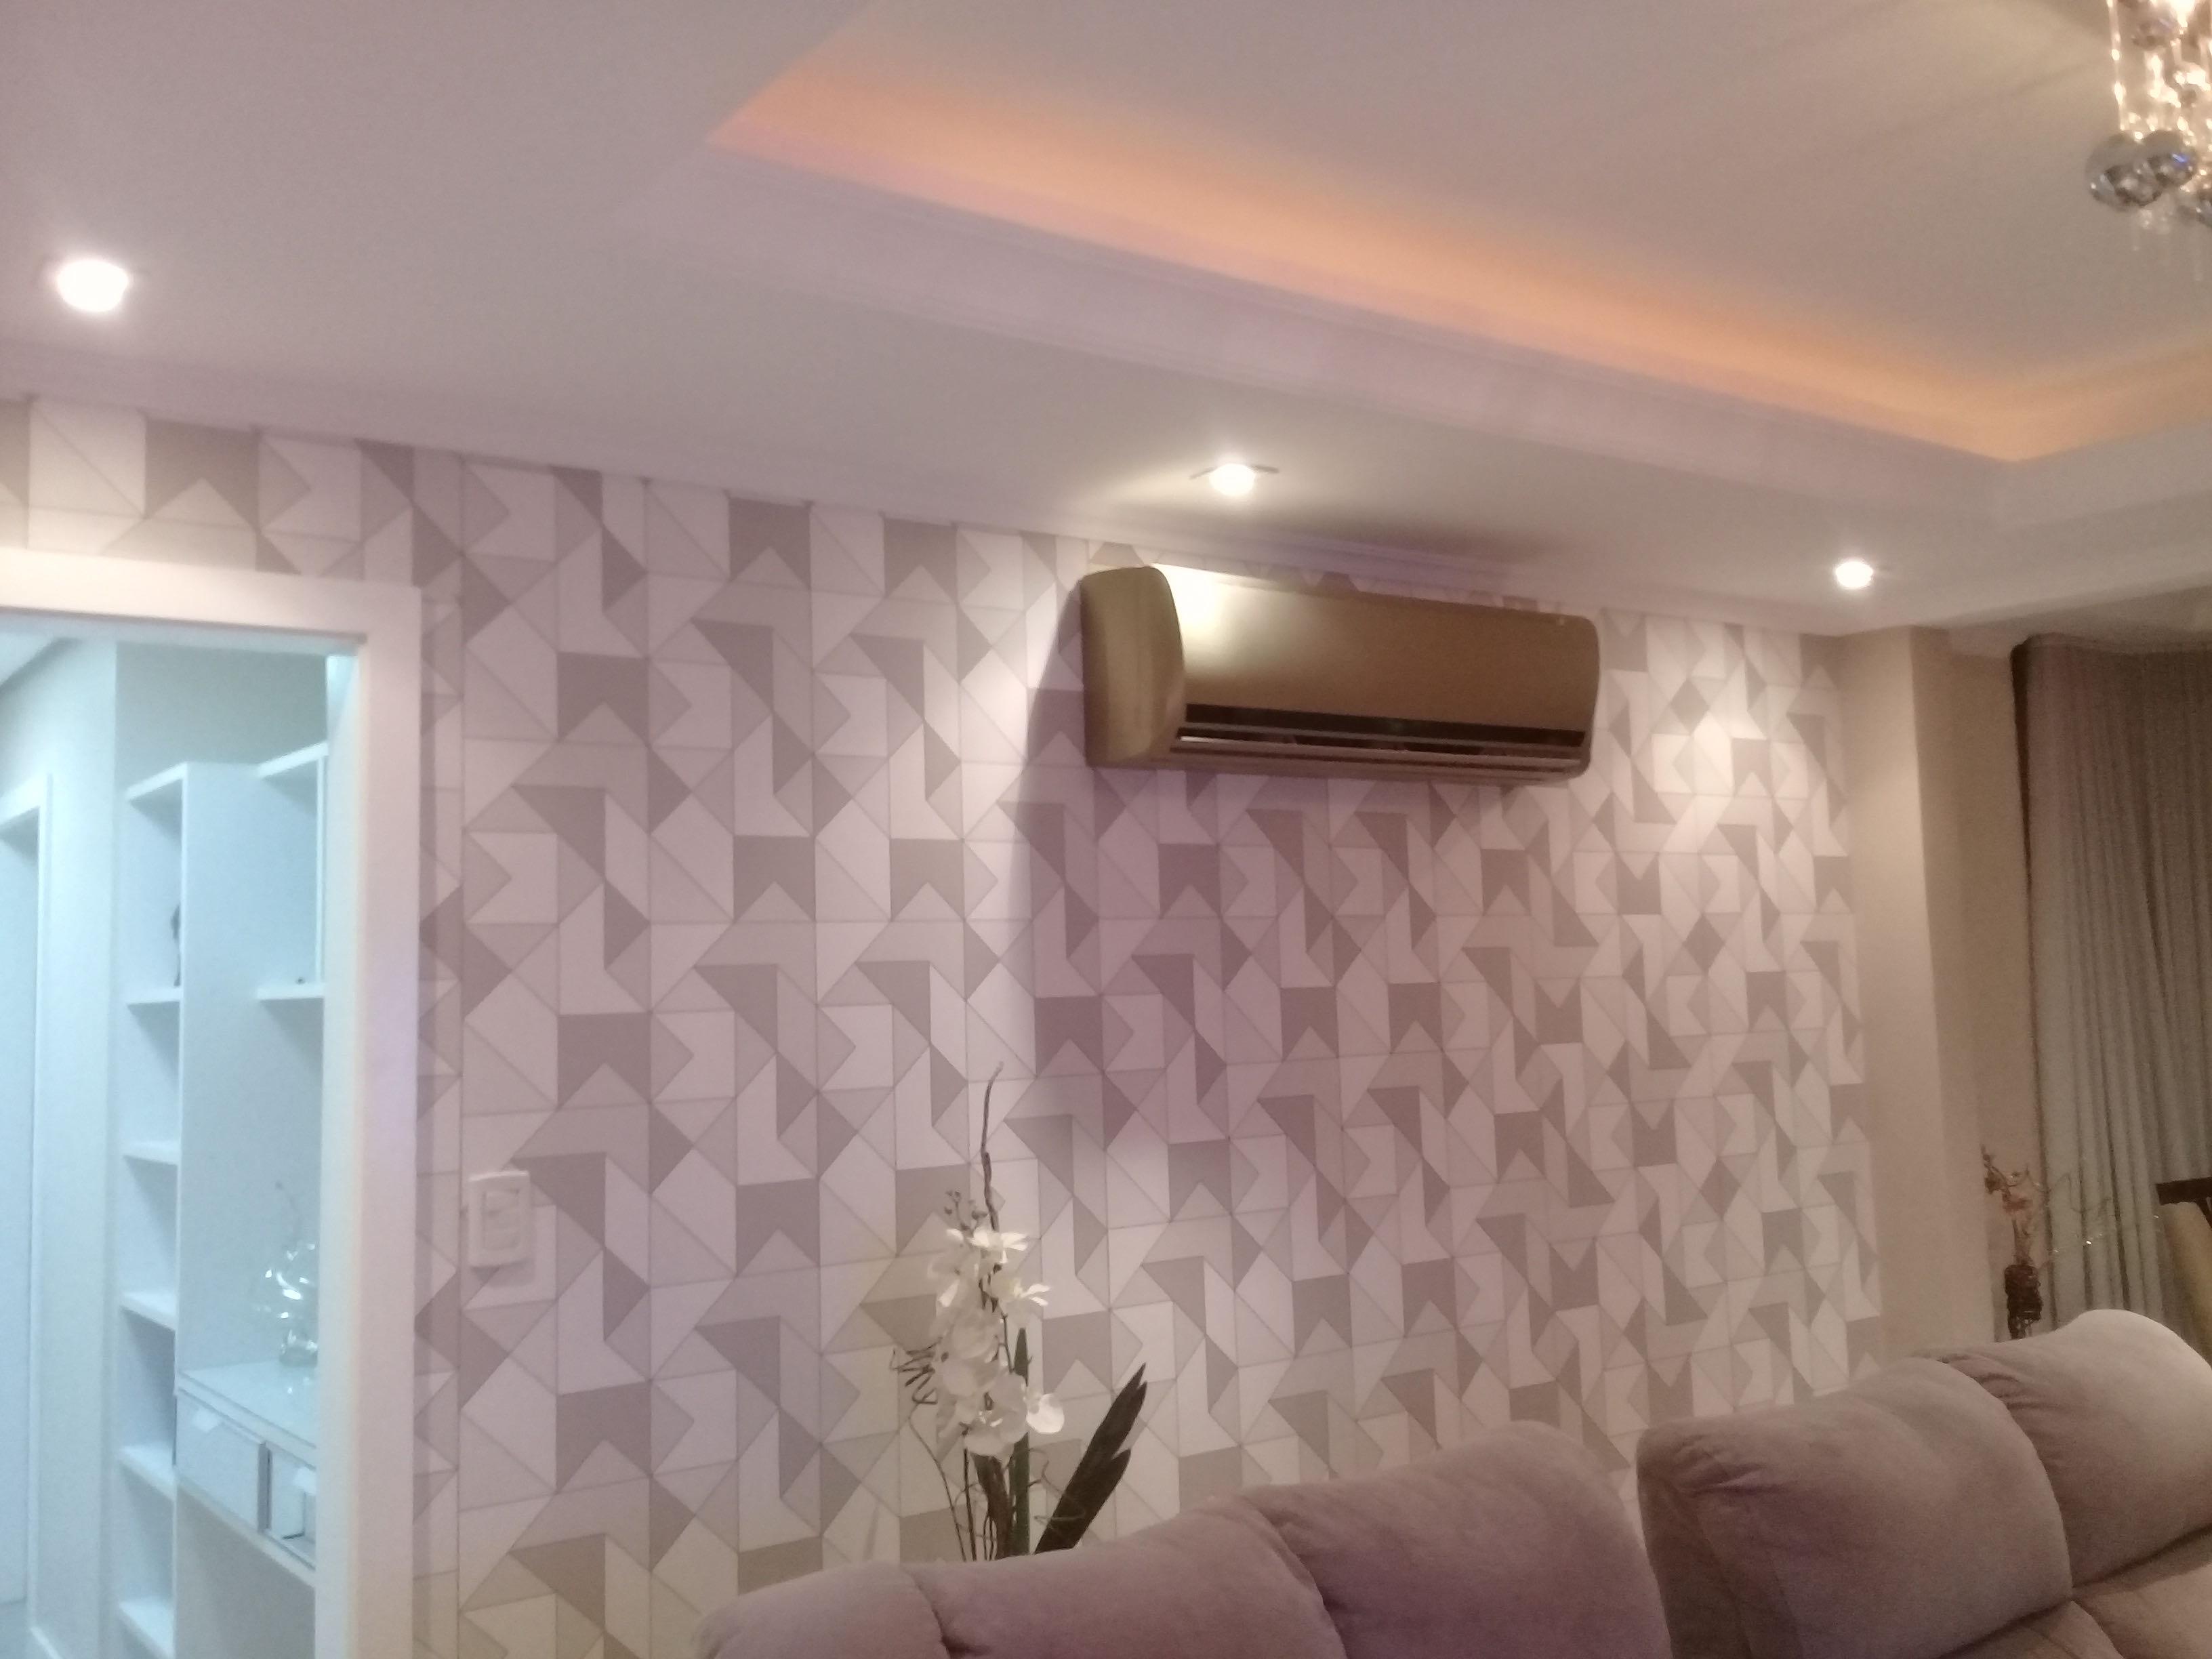 Instalação de papel de parede tradicional.